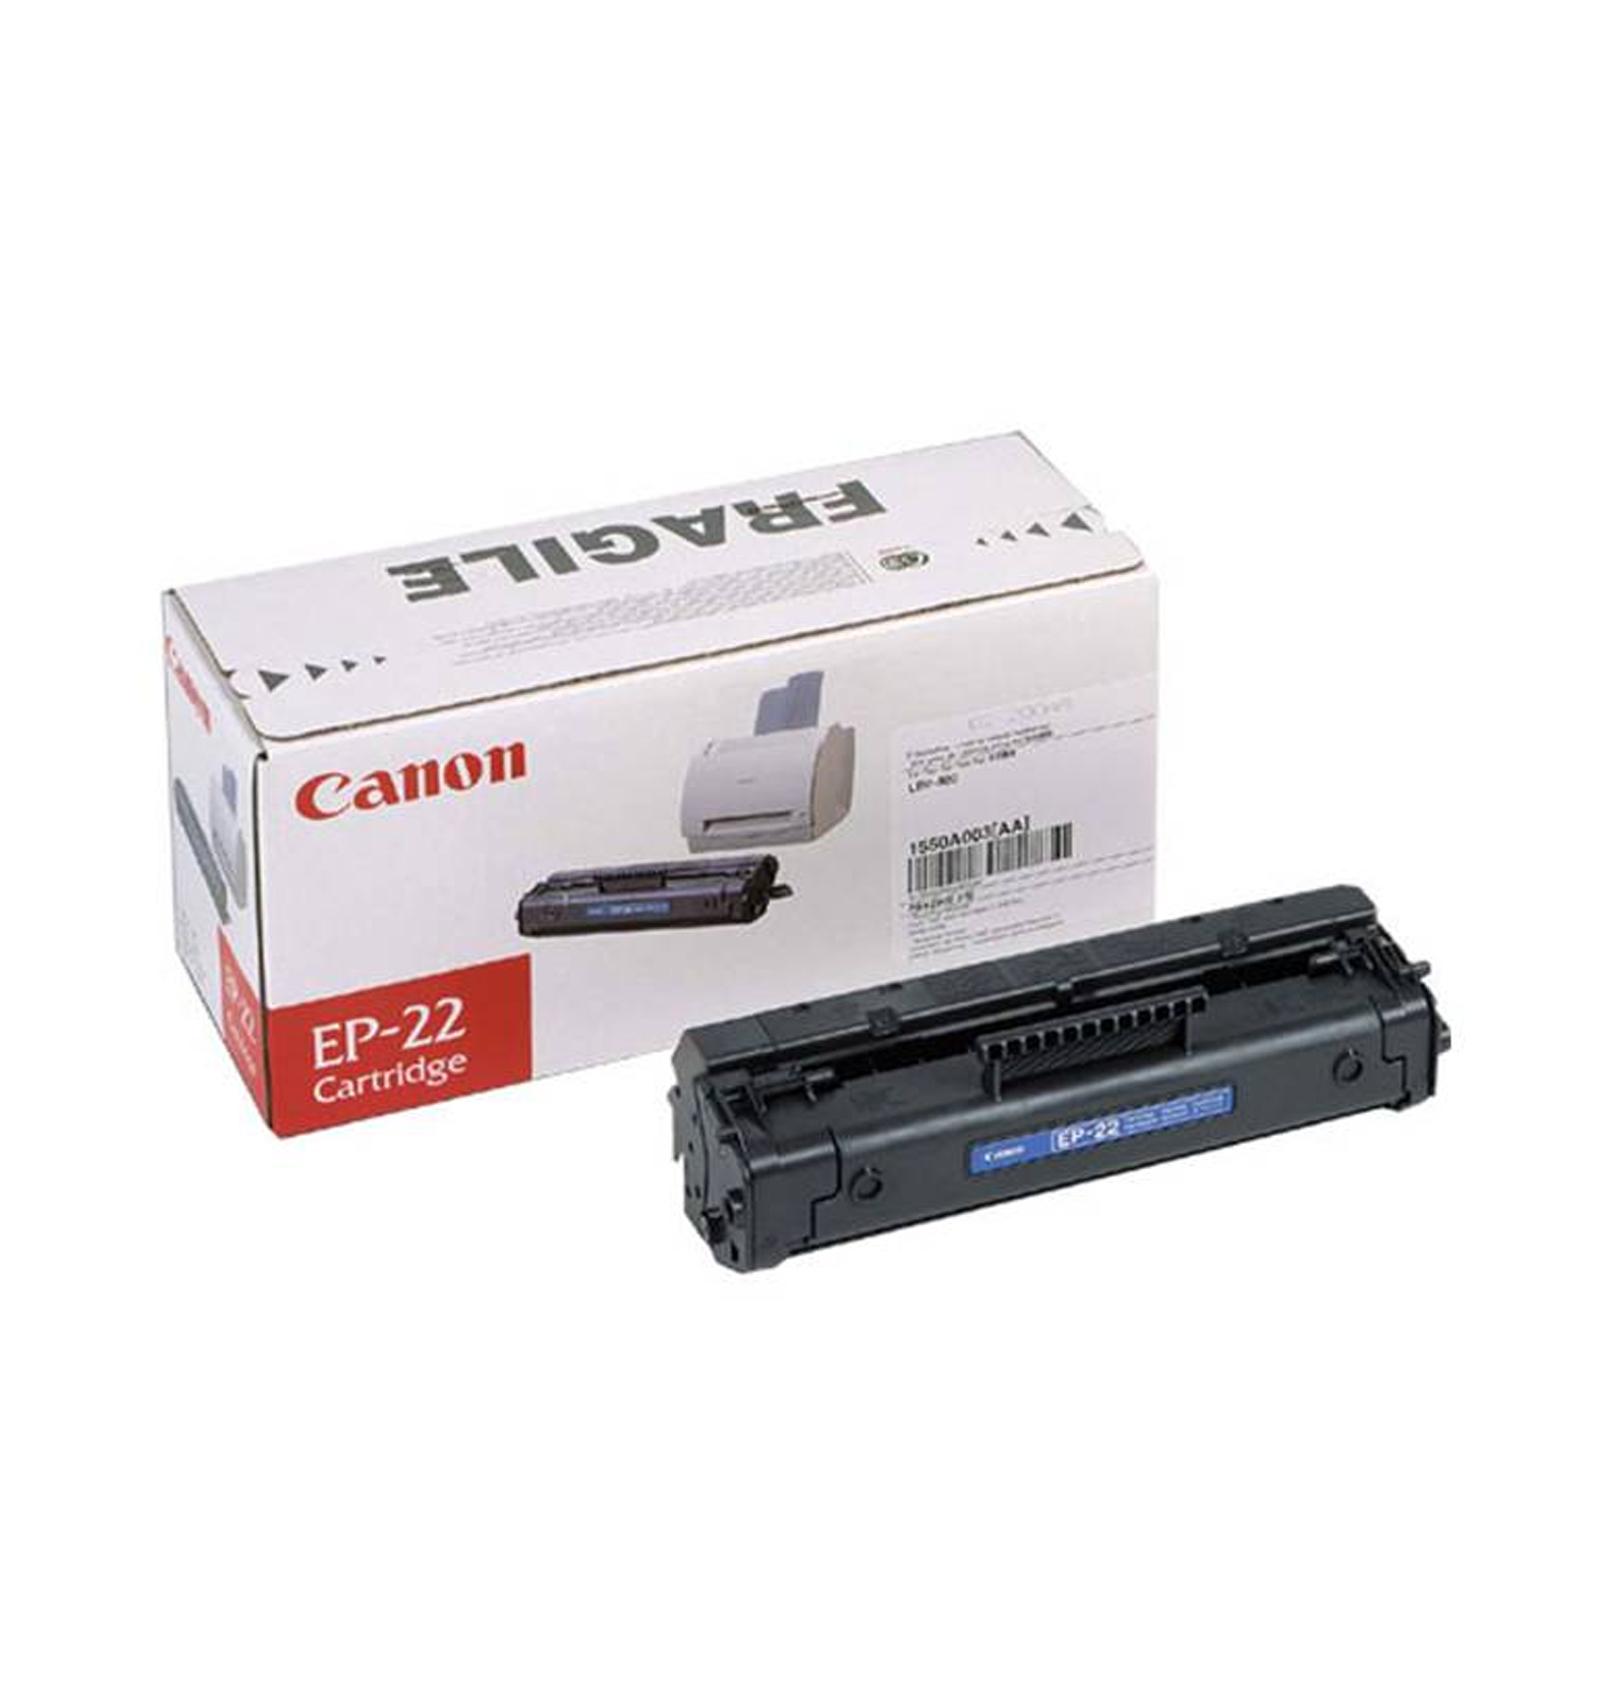 Canon EP-27 для Laser Shot LBP 3200, Laser Base MF3110 MF5630/5650/5730/5750/5770